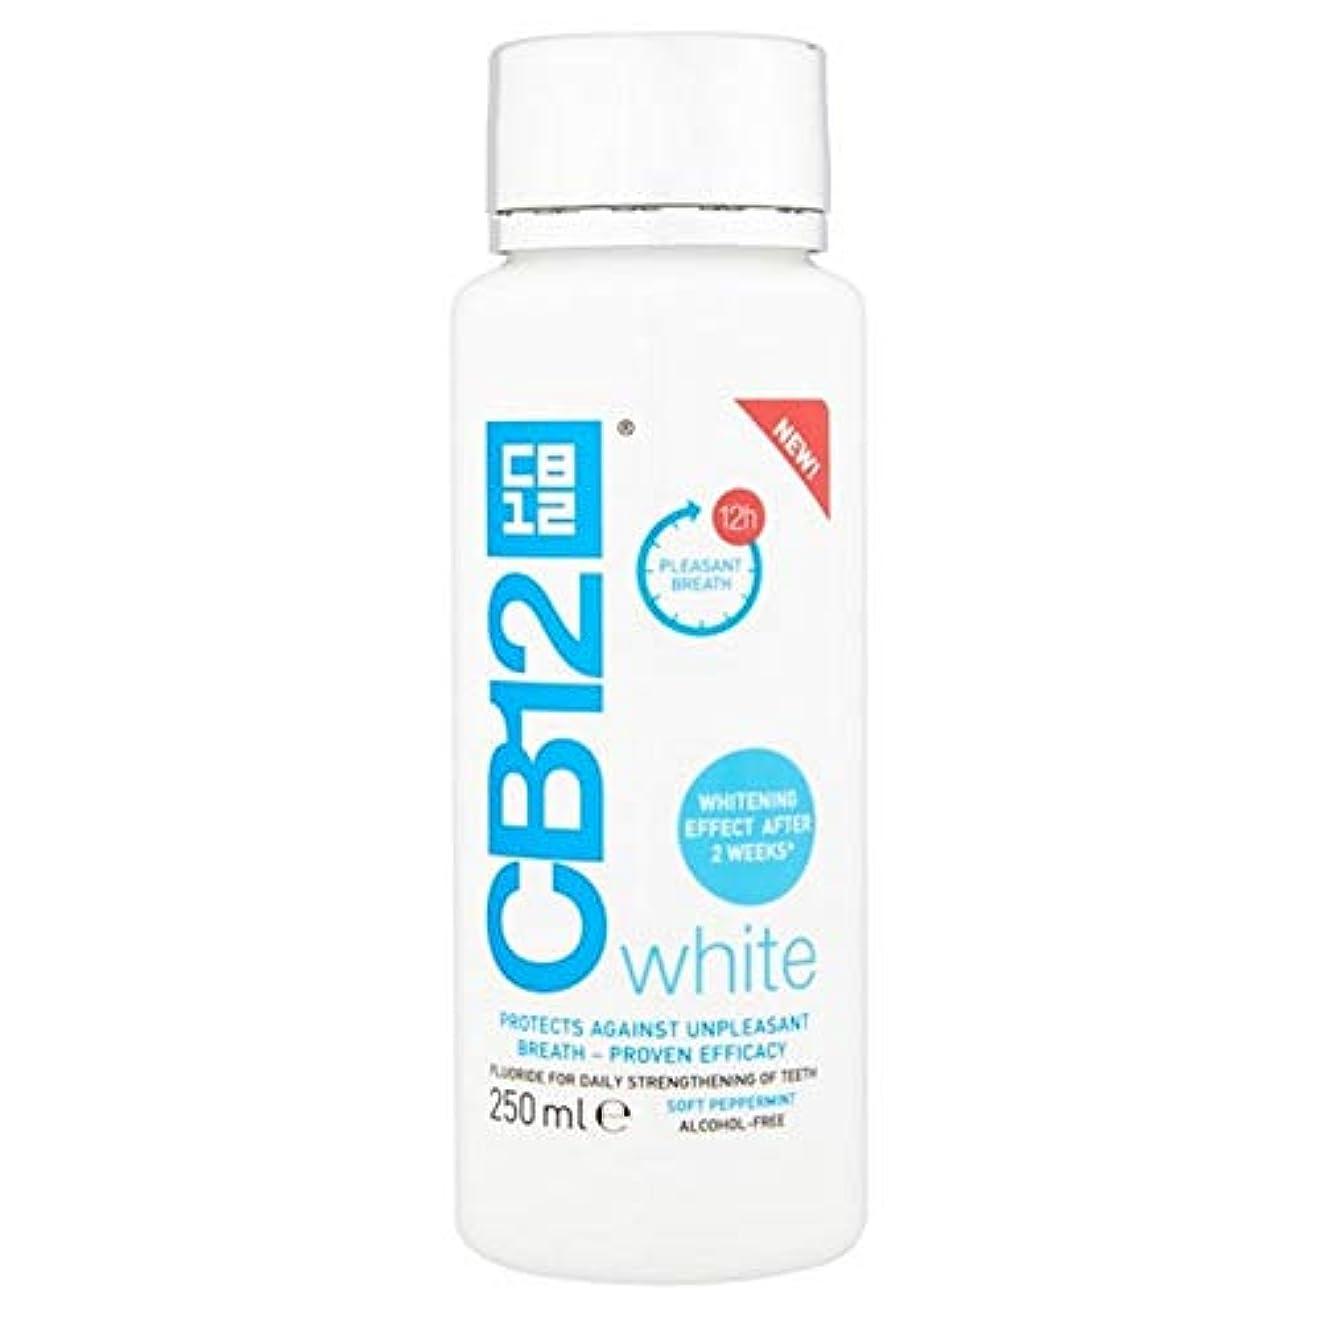 酸度溶岩発音する[CB12] Cb12ホワイトニングマウスウォッシュ250ミリリットル - CB12 Whitening Mouthwash 250ml [並行輸入品]